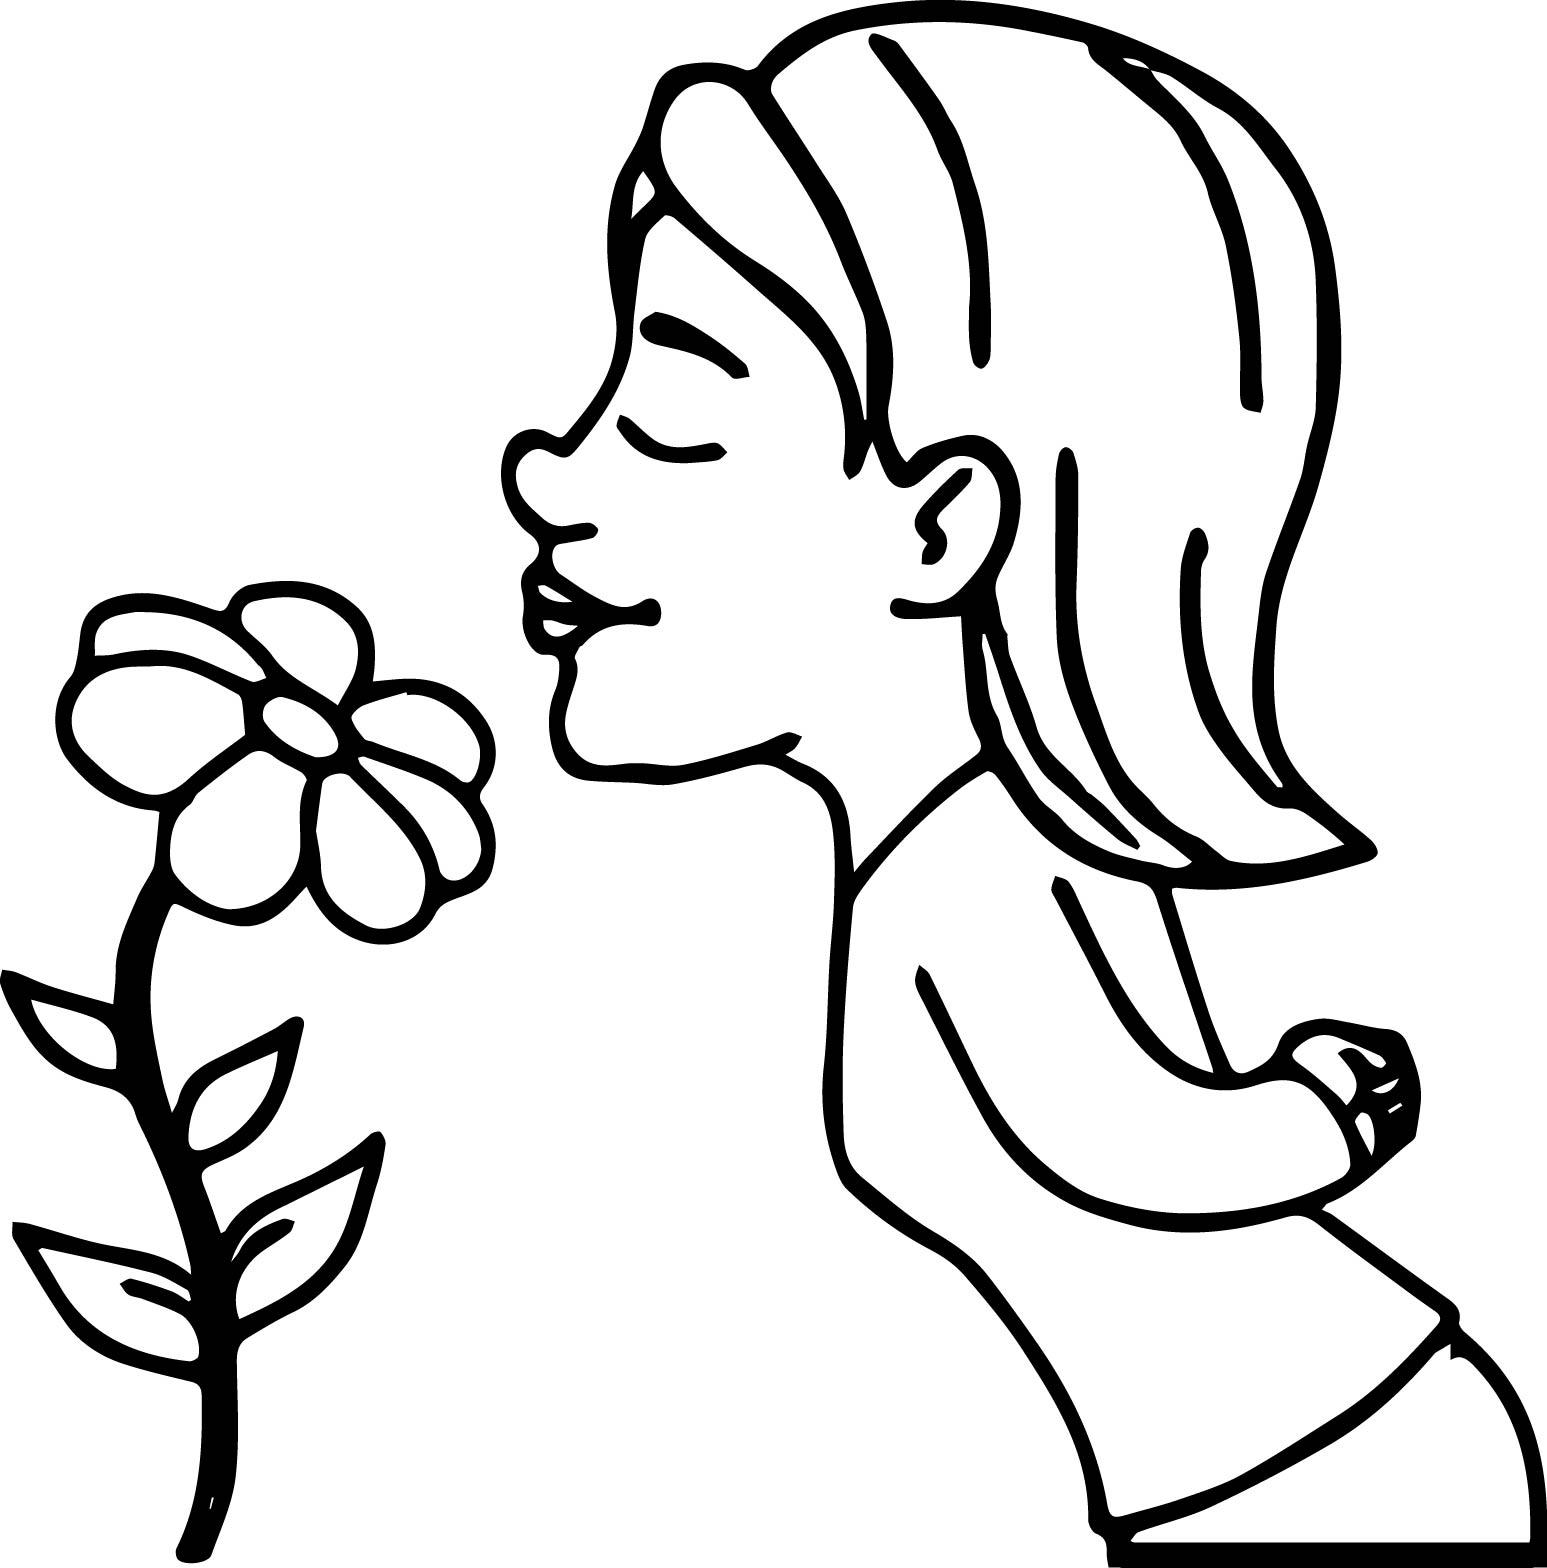 Tranh tô màu bé và hoa đẹp nhất